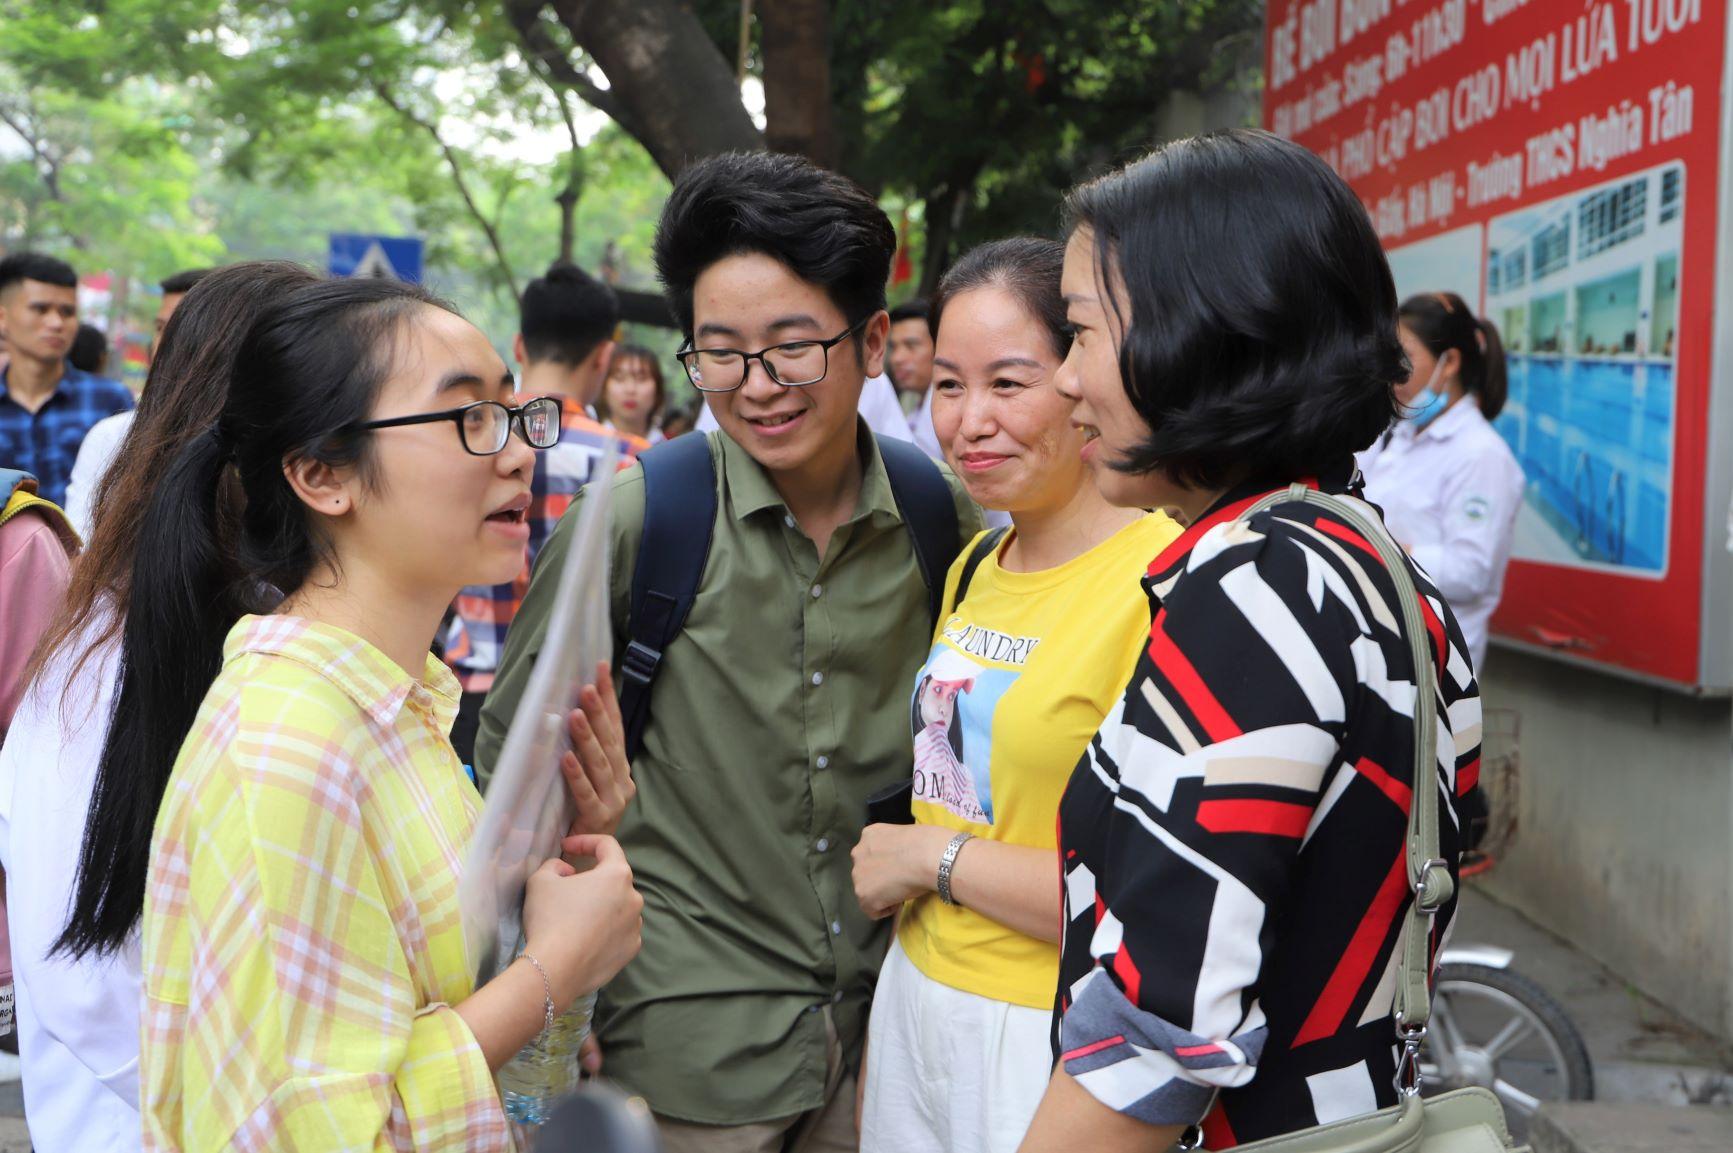 Nhóm phụ huynh, học sinh đứng túm tụm ngay trước cổng trường để trao đổi về kết quả thi. Ai cũng nở nụ cười